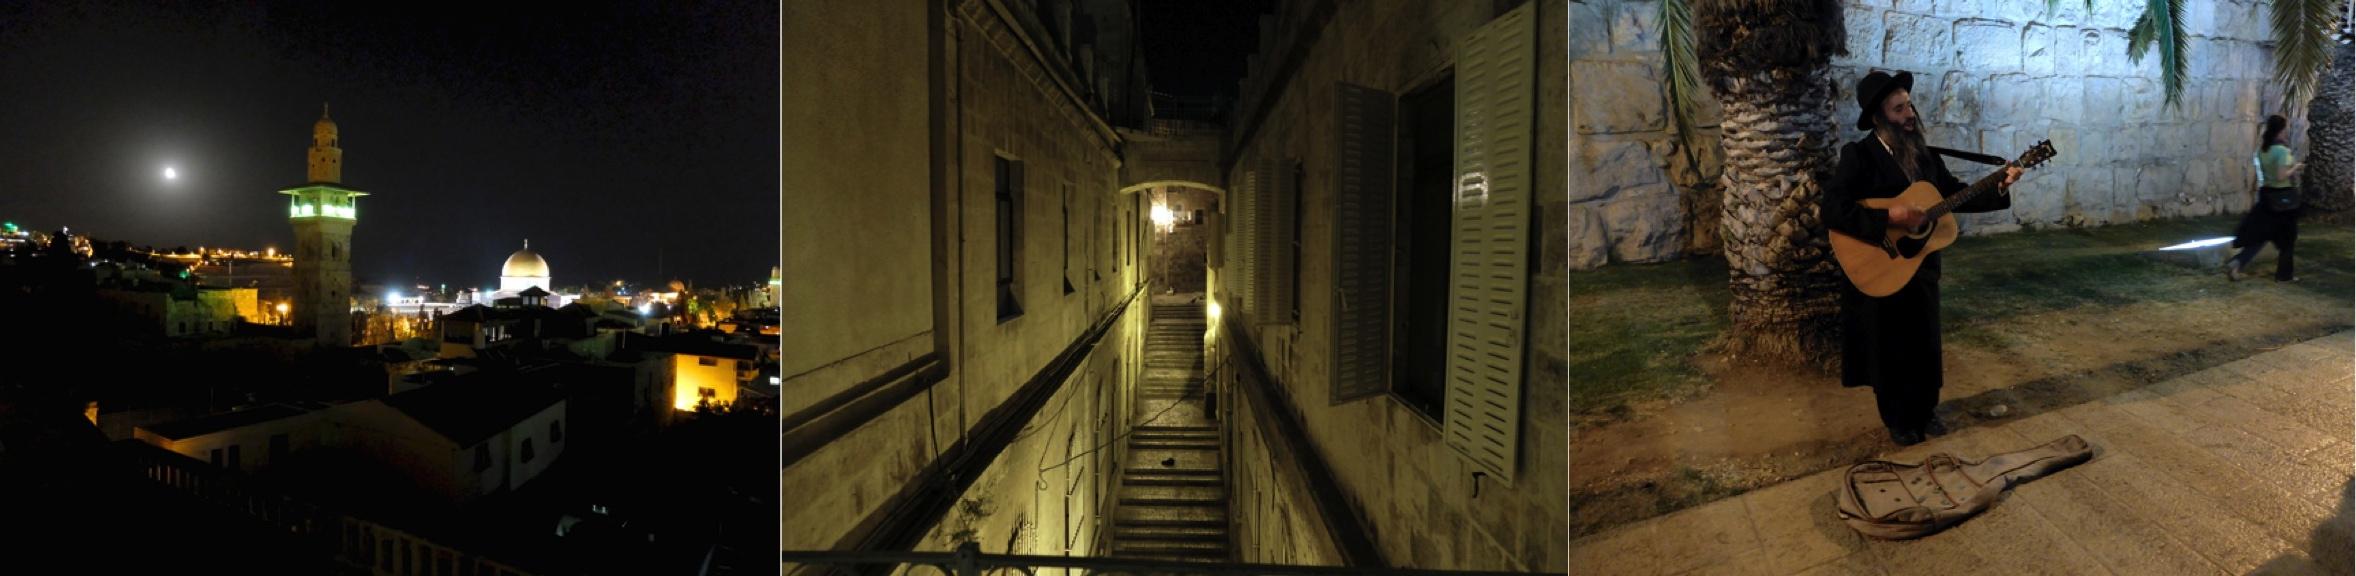 les rues la nuit